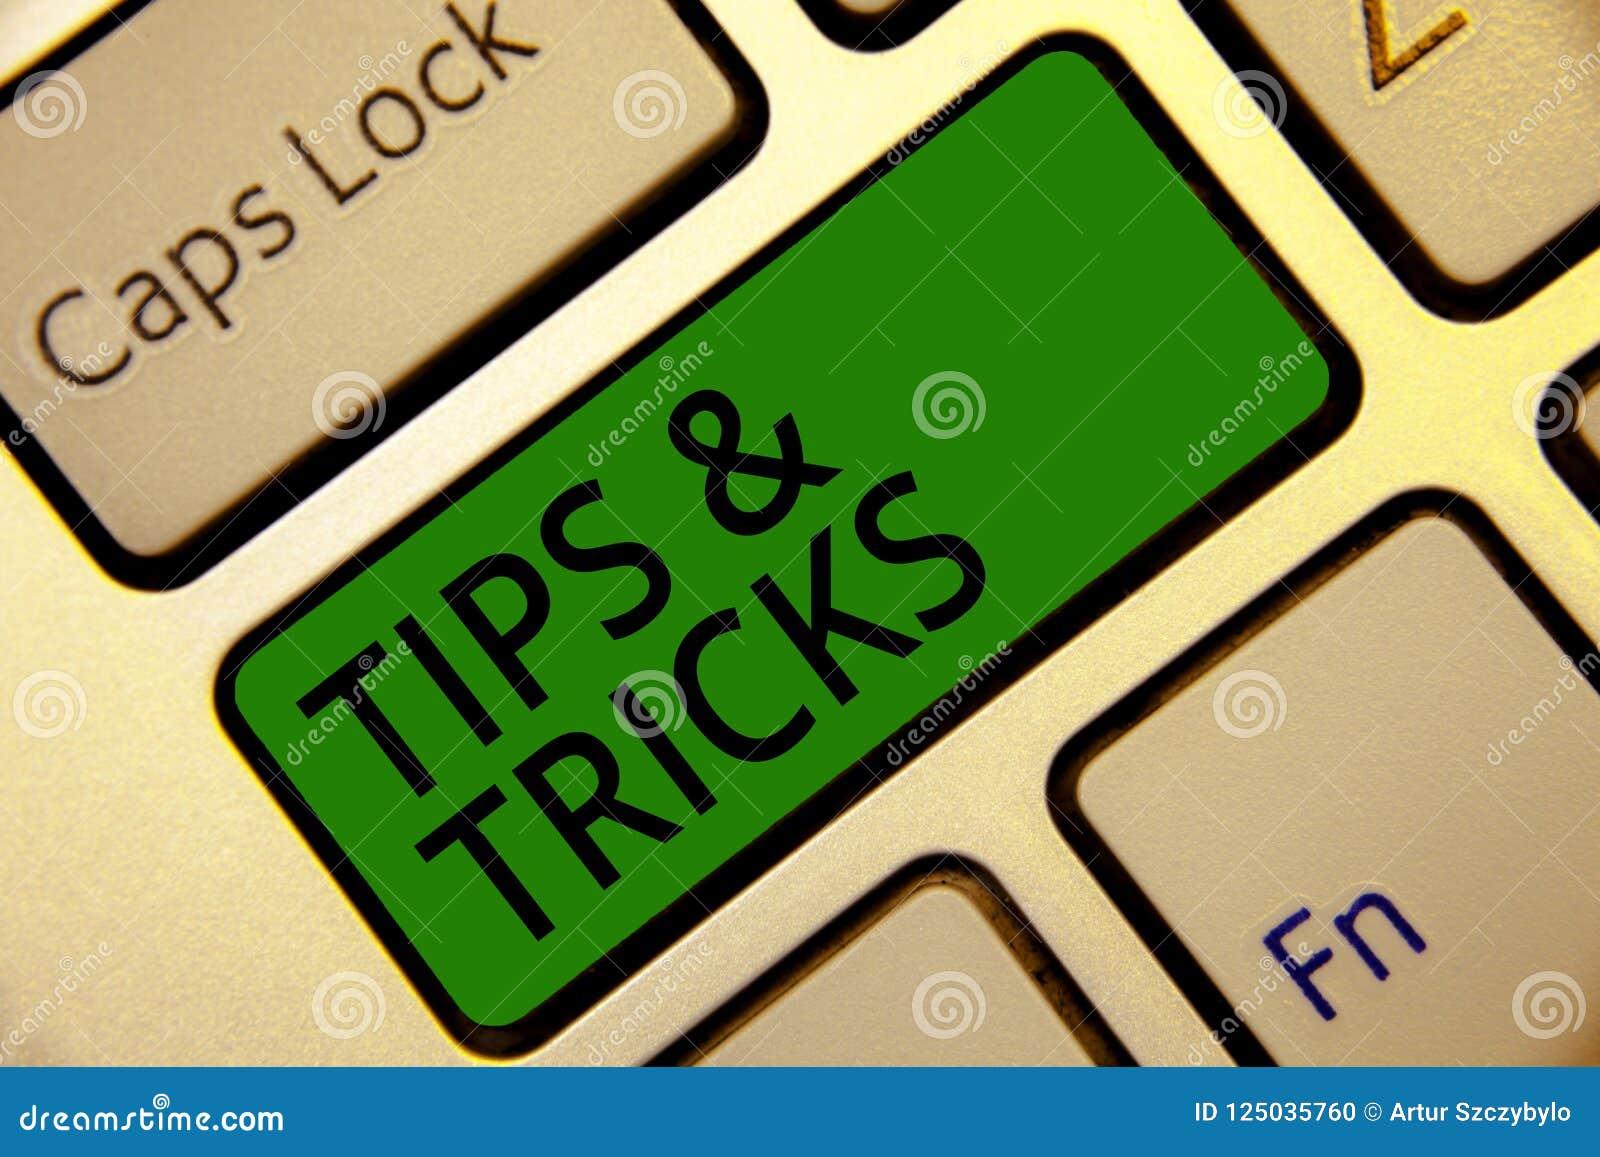 Άκρες και τεχνάσματα γραψίματος κειμένων γραφής Έννοια που σημαίνει βημάτων πράσινο κλειδί Ι πληκτρολογίων δεξιοτήτων συστάσεων σ